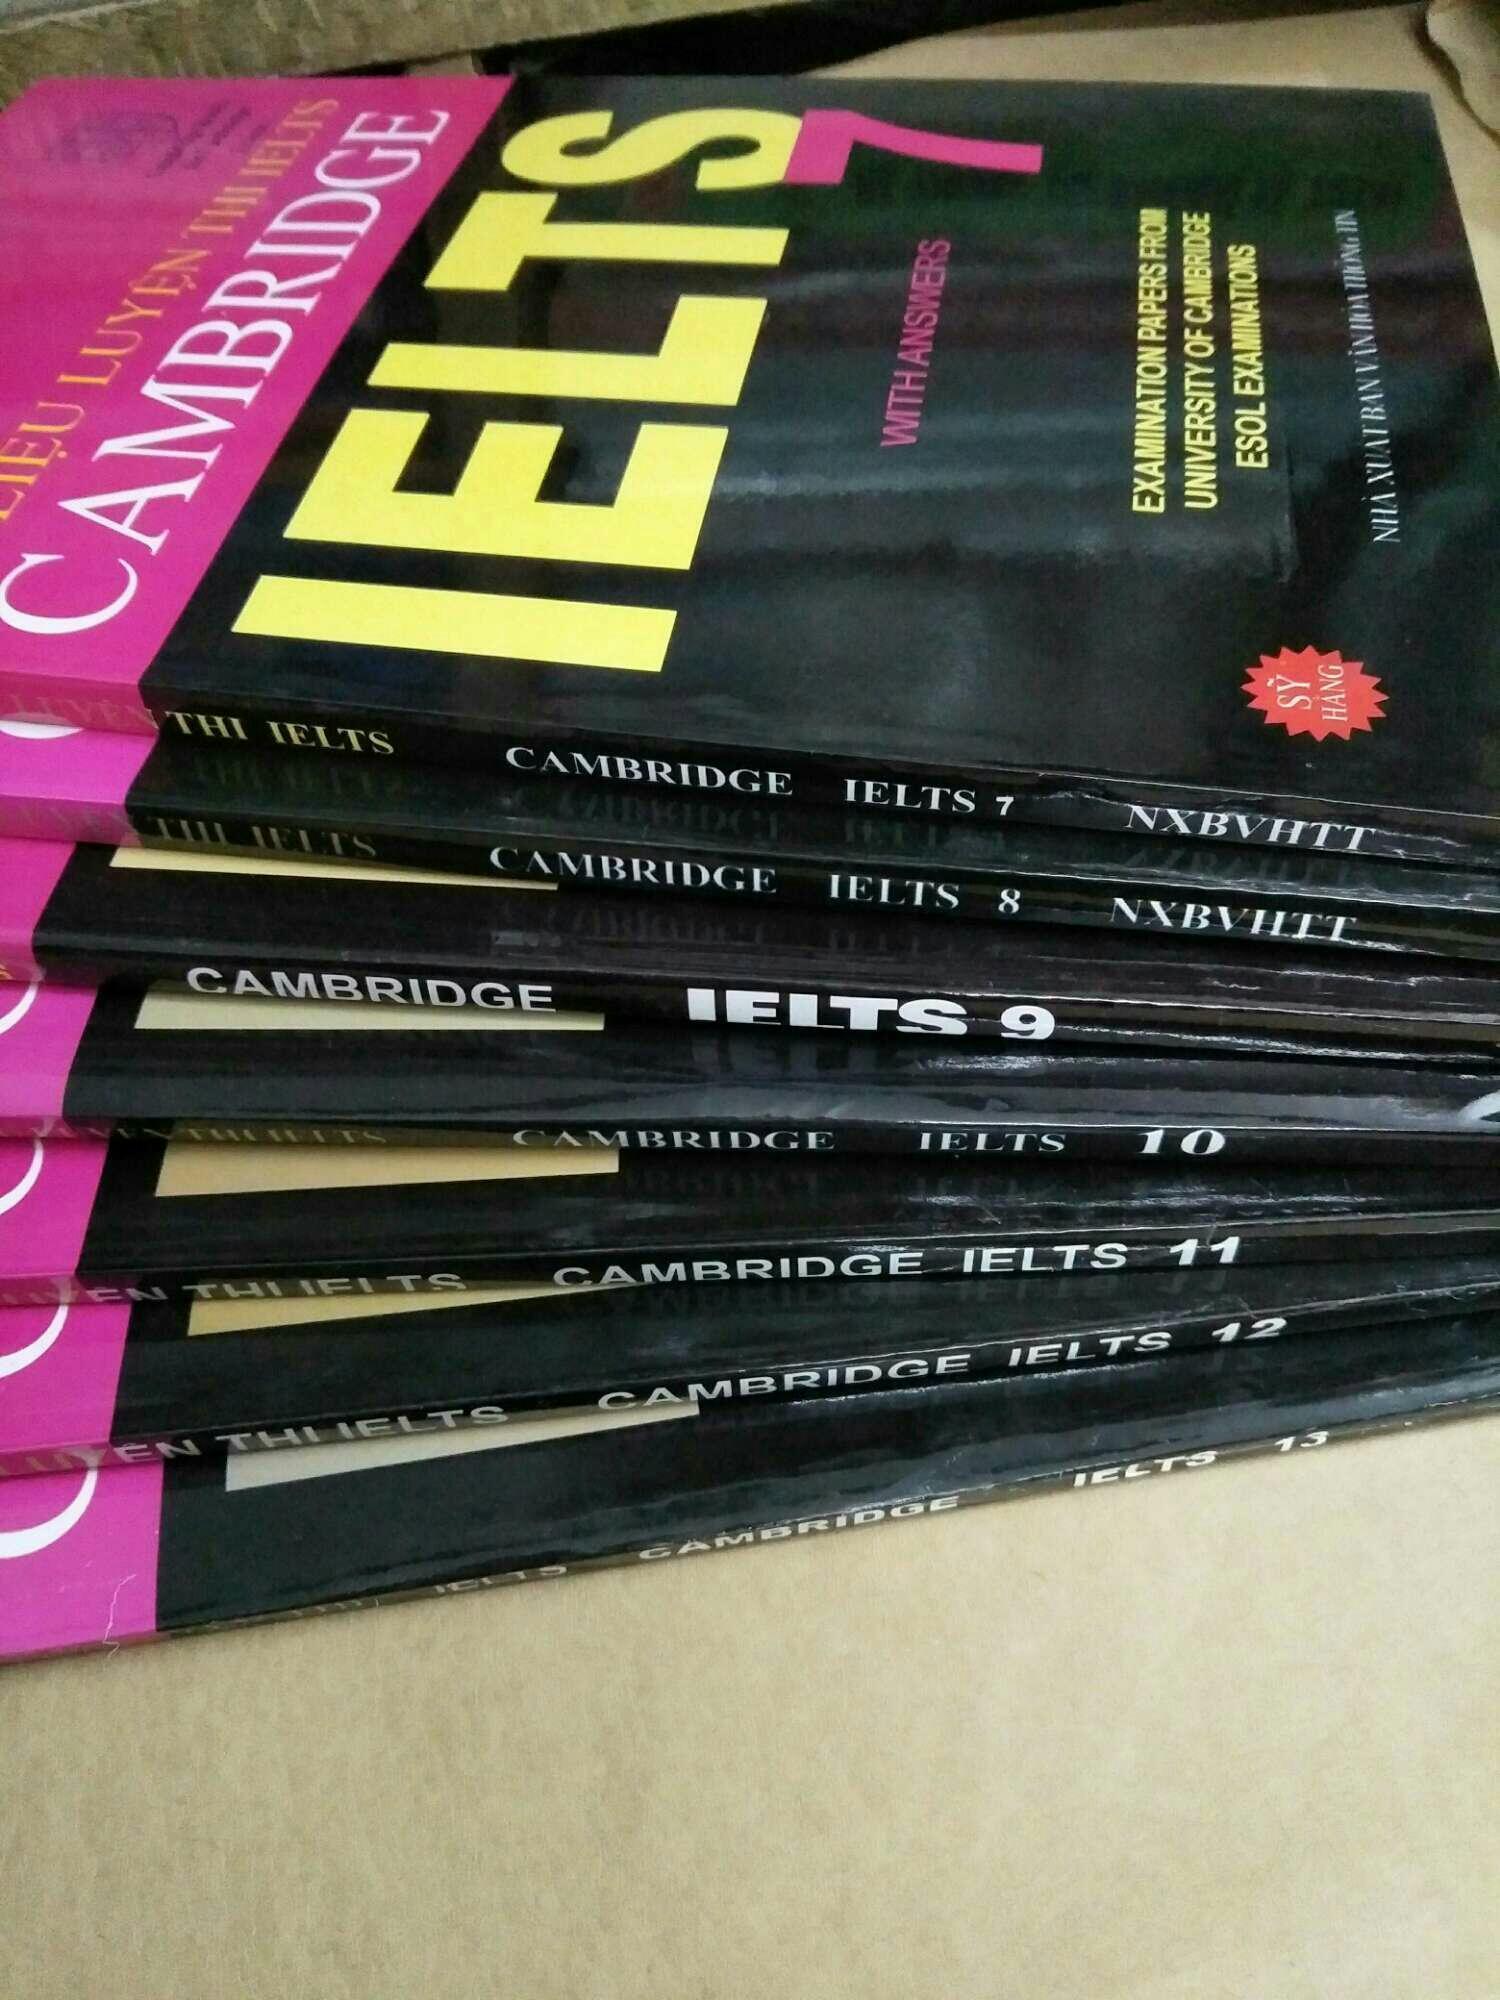 Mã Giảm Giá tại Lazada cho Combo Tài Liệu Luyện Thi Cambridge IELTS Từ Tập 7 đến Tập 13 -  được Chuẩn Bị Bởi Cambridge English Language Assessment.